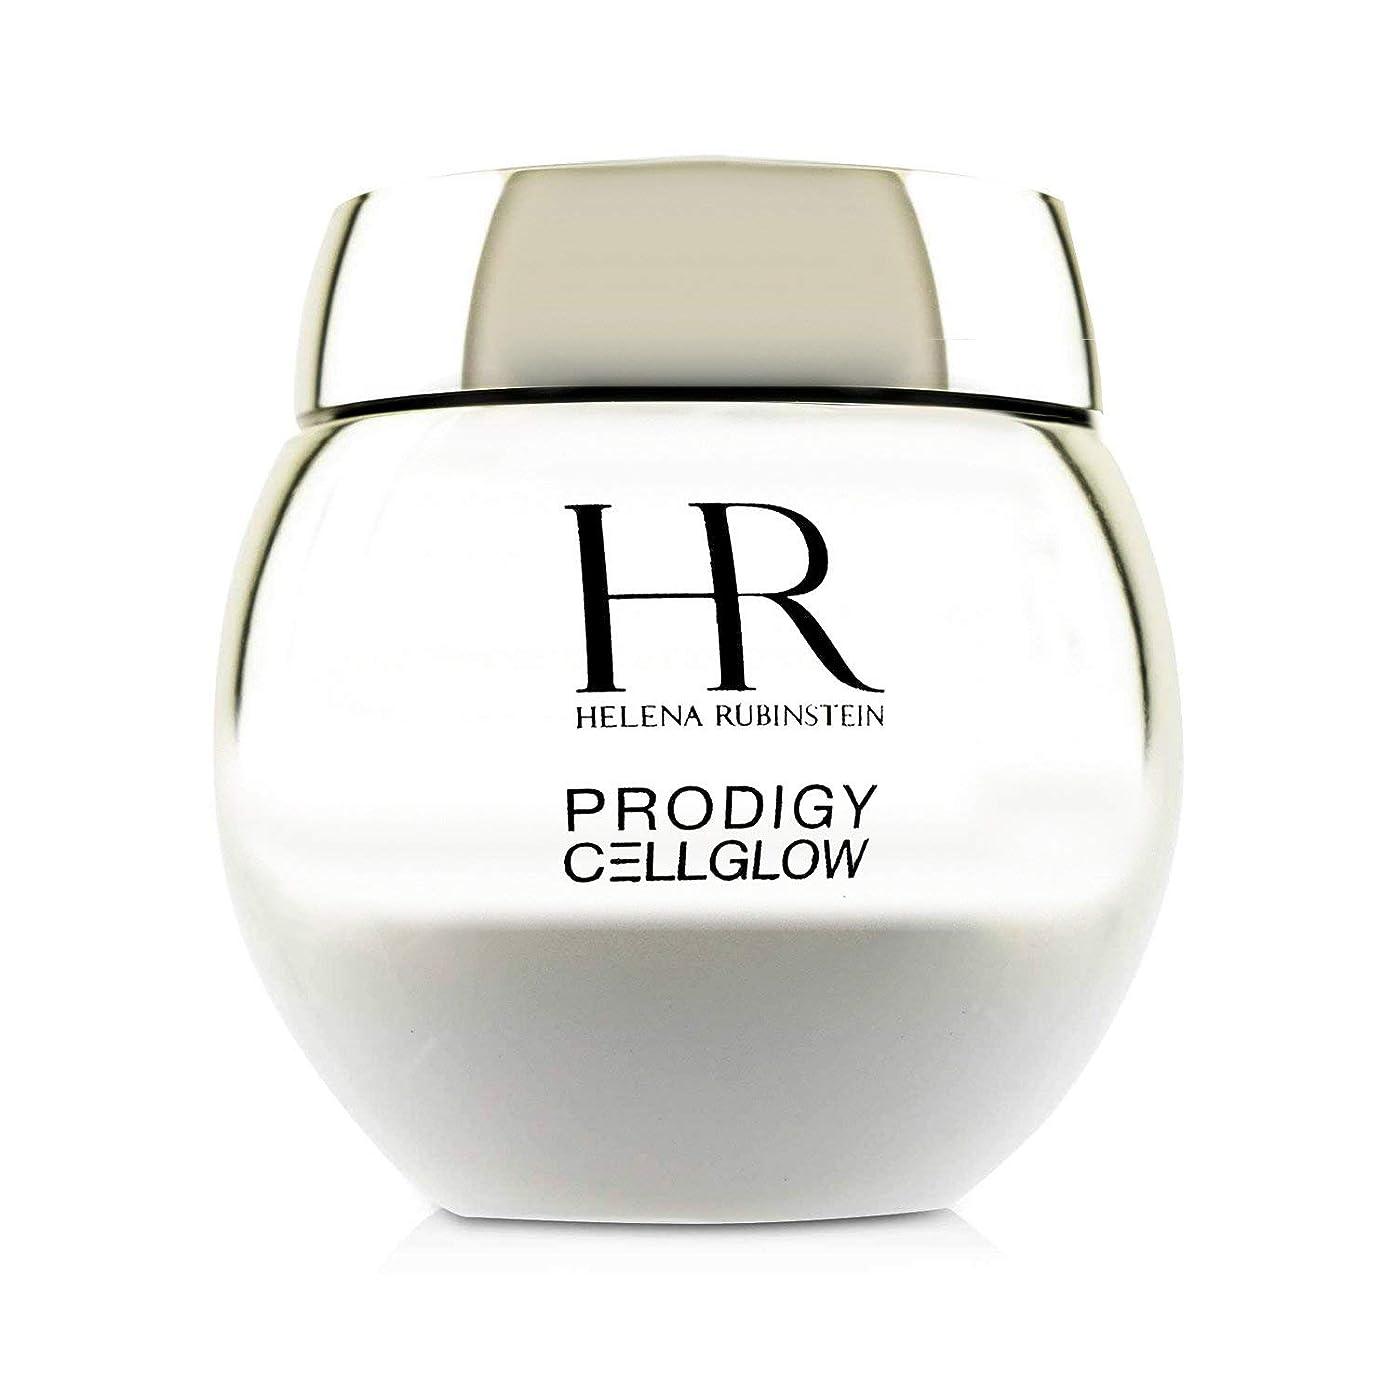 気晴らしプレミア固執ヘレナ ルビンスタイン Prodigy Cellglow The Radiant Regenerating Cream 50ml/1.71oz並行輸入品